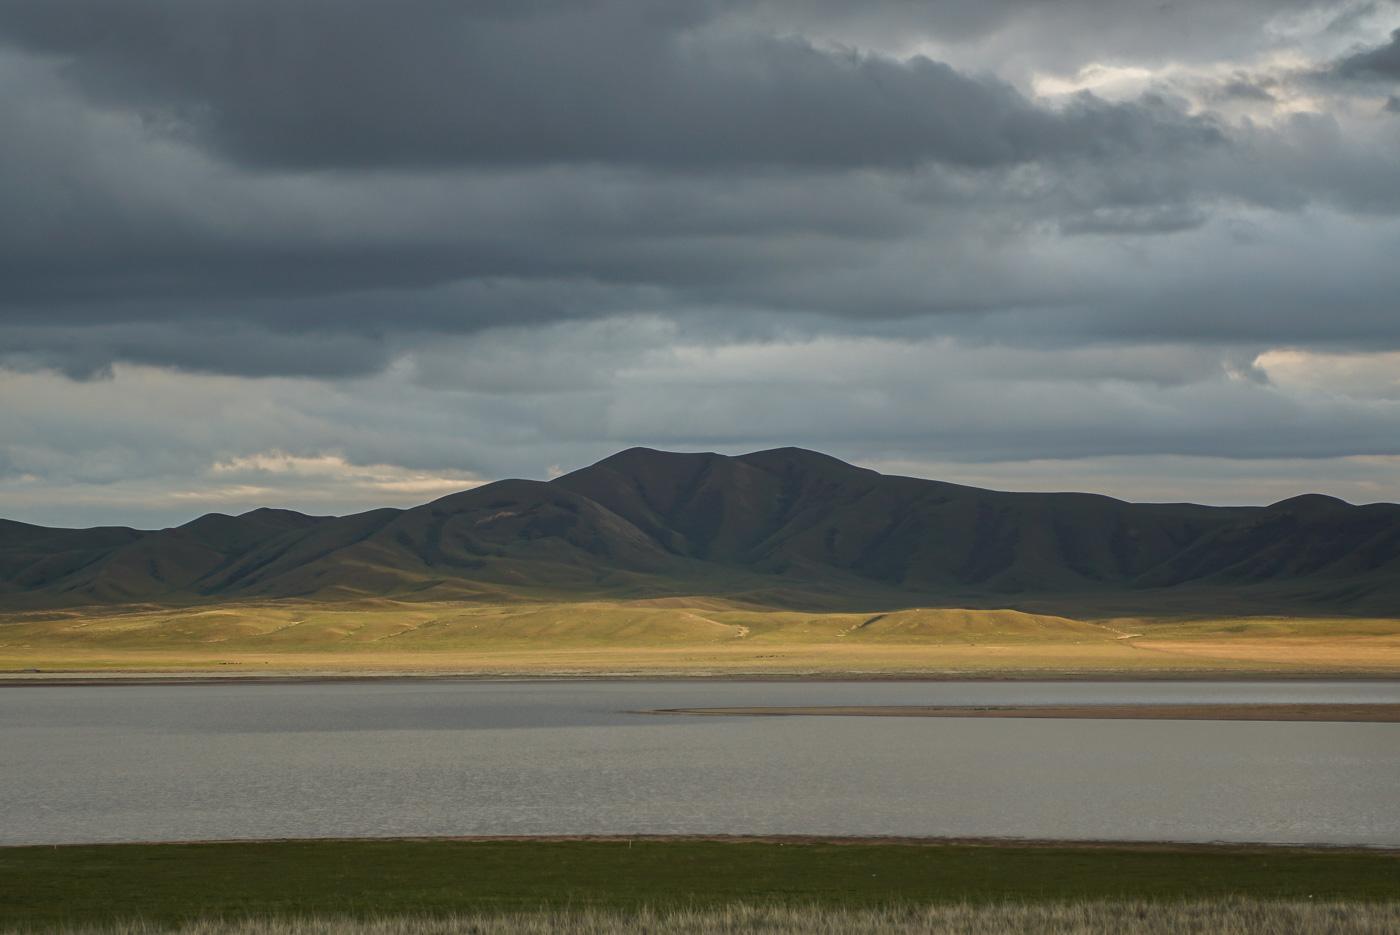 Zu sehen ist er See und dahinter erhebt sich von der Sonne noch bestrahlen grün gelbe Flächen. dahinter wird die Sonne schon von Wolken bedeckt und der sich dahinter erhebende Berg ist fast schwarz.